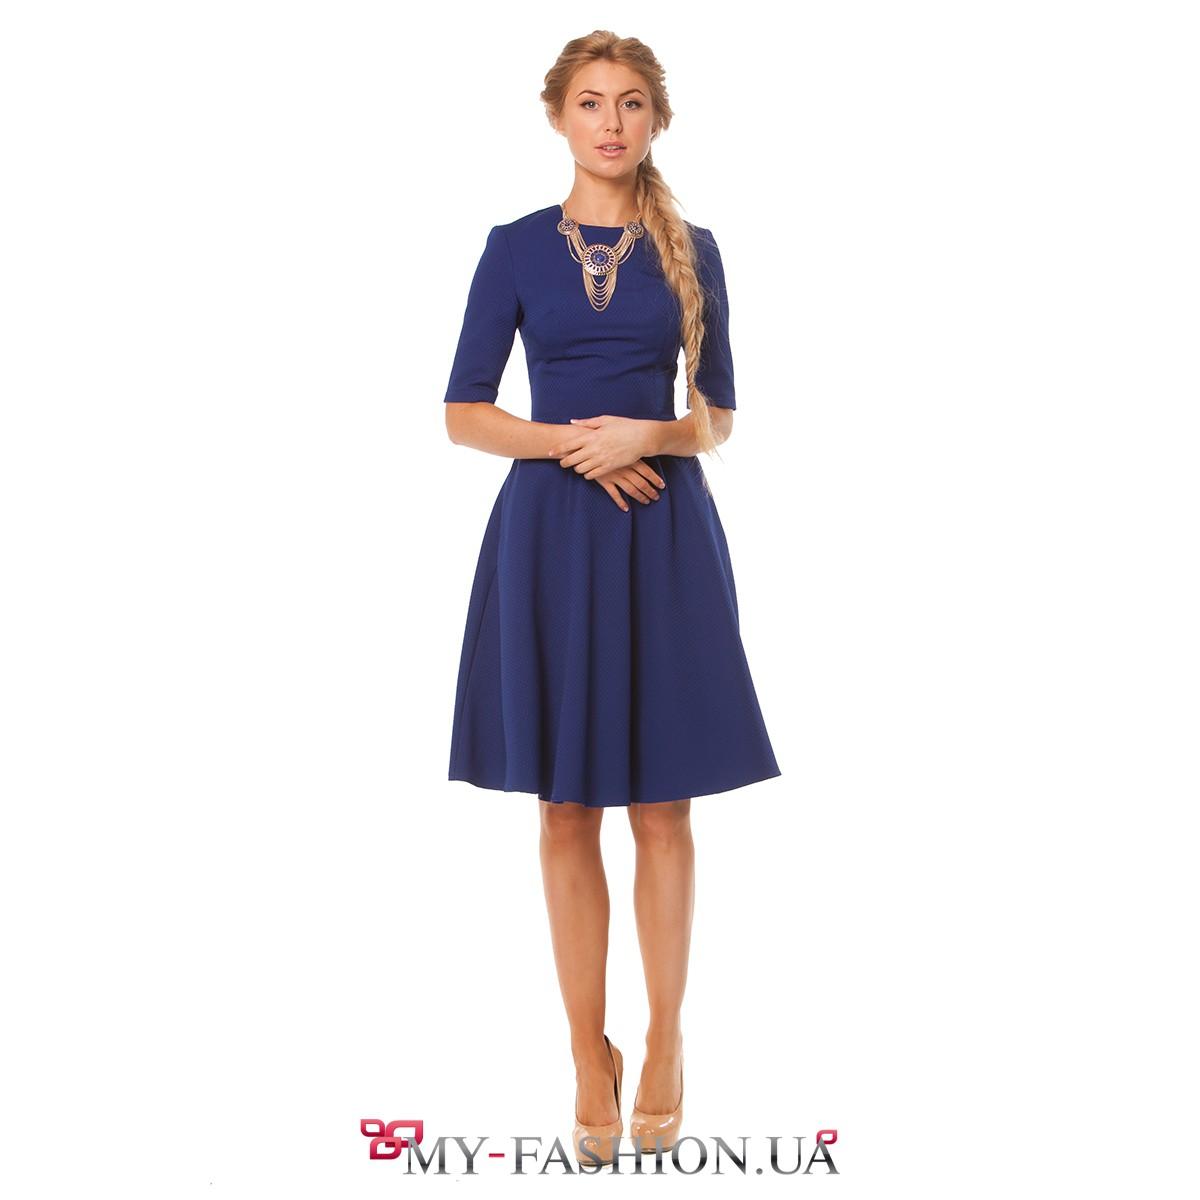 Купить Красивое Платье В Интернет Магазине